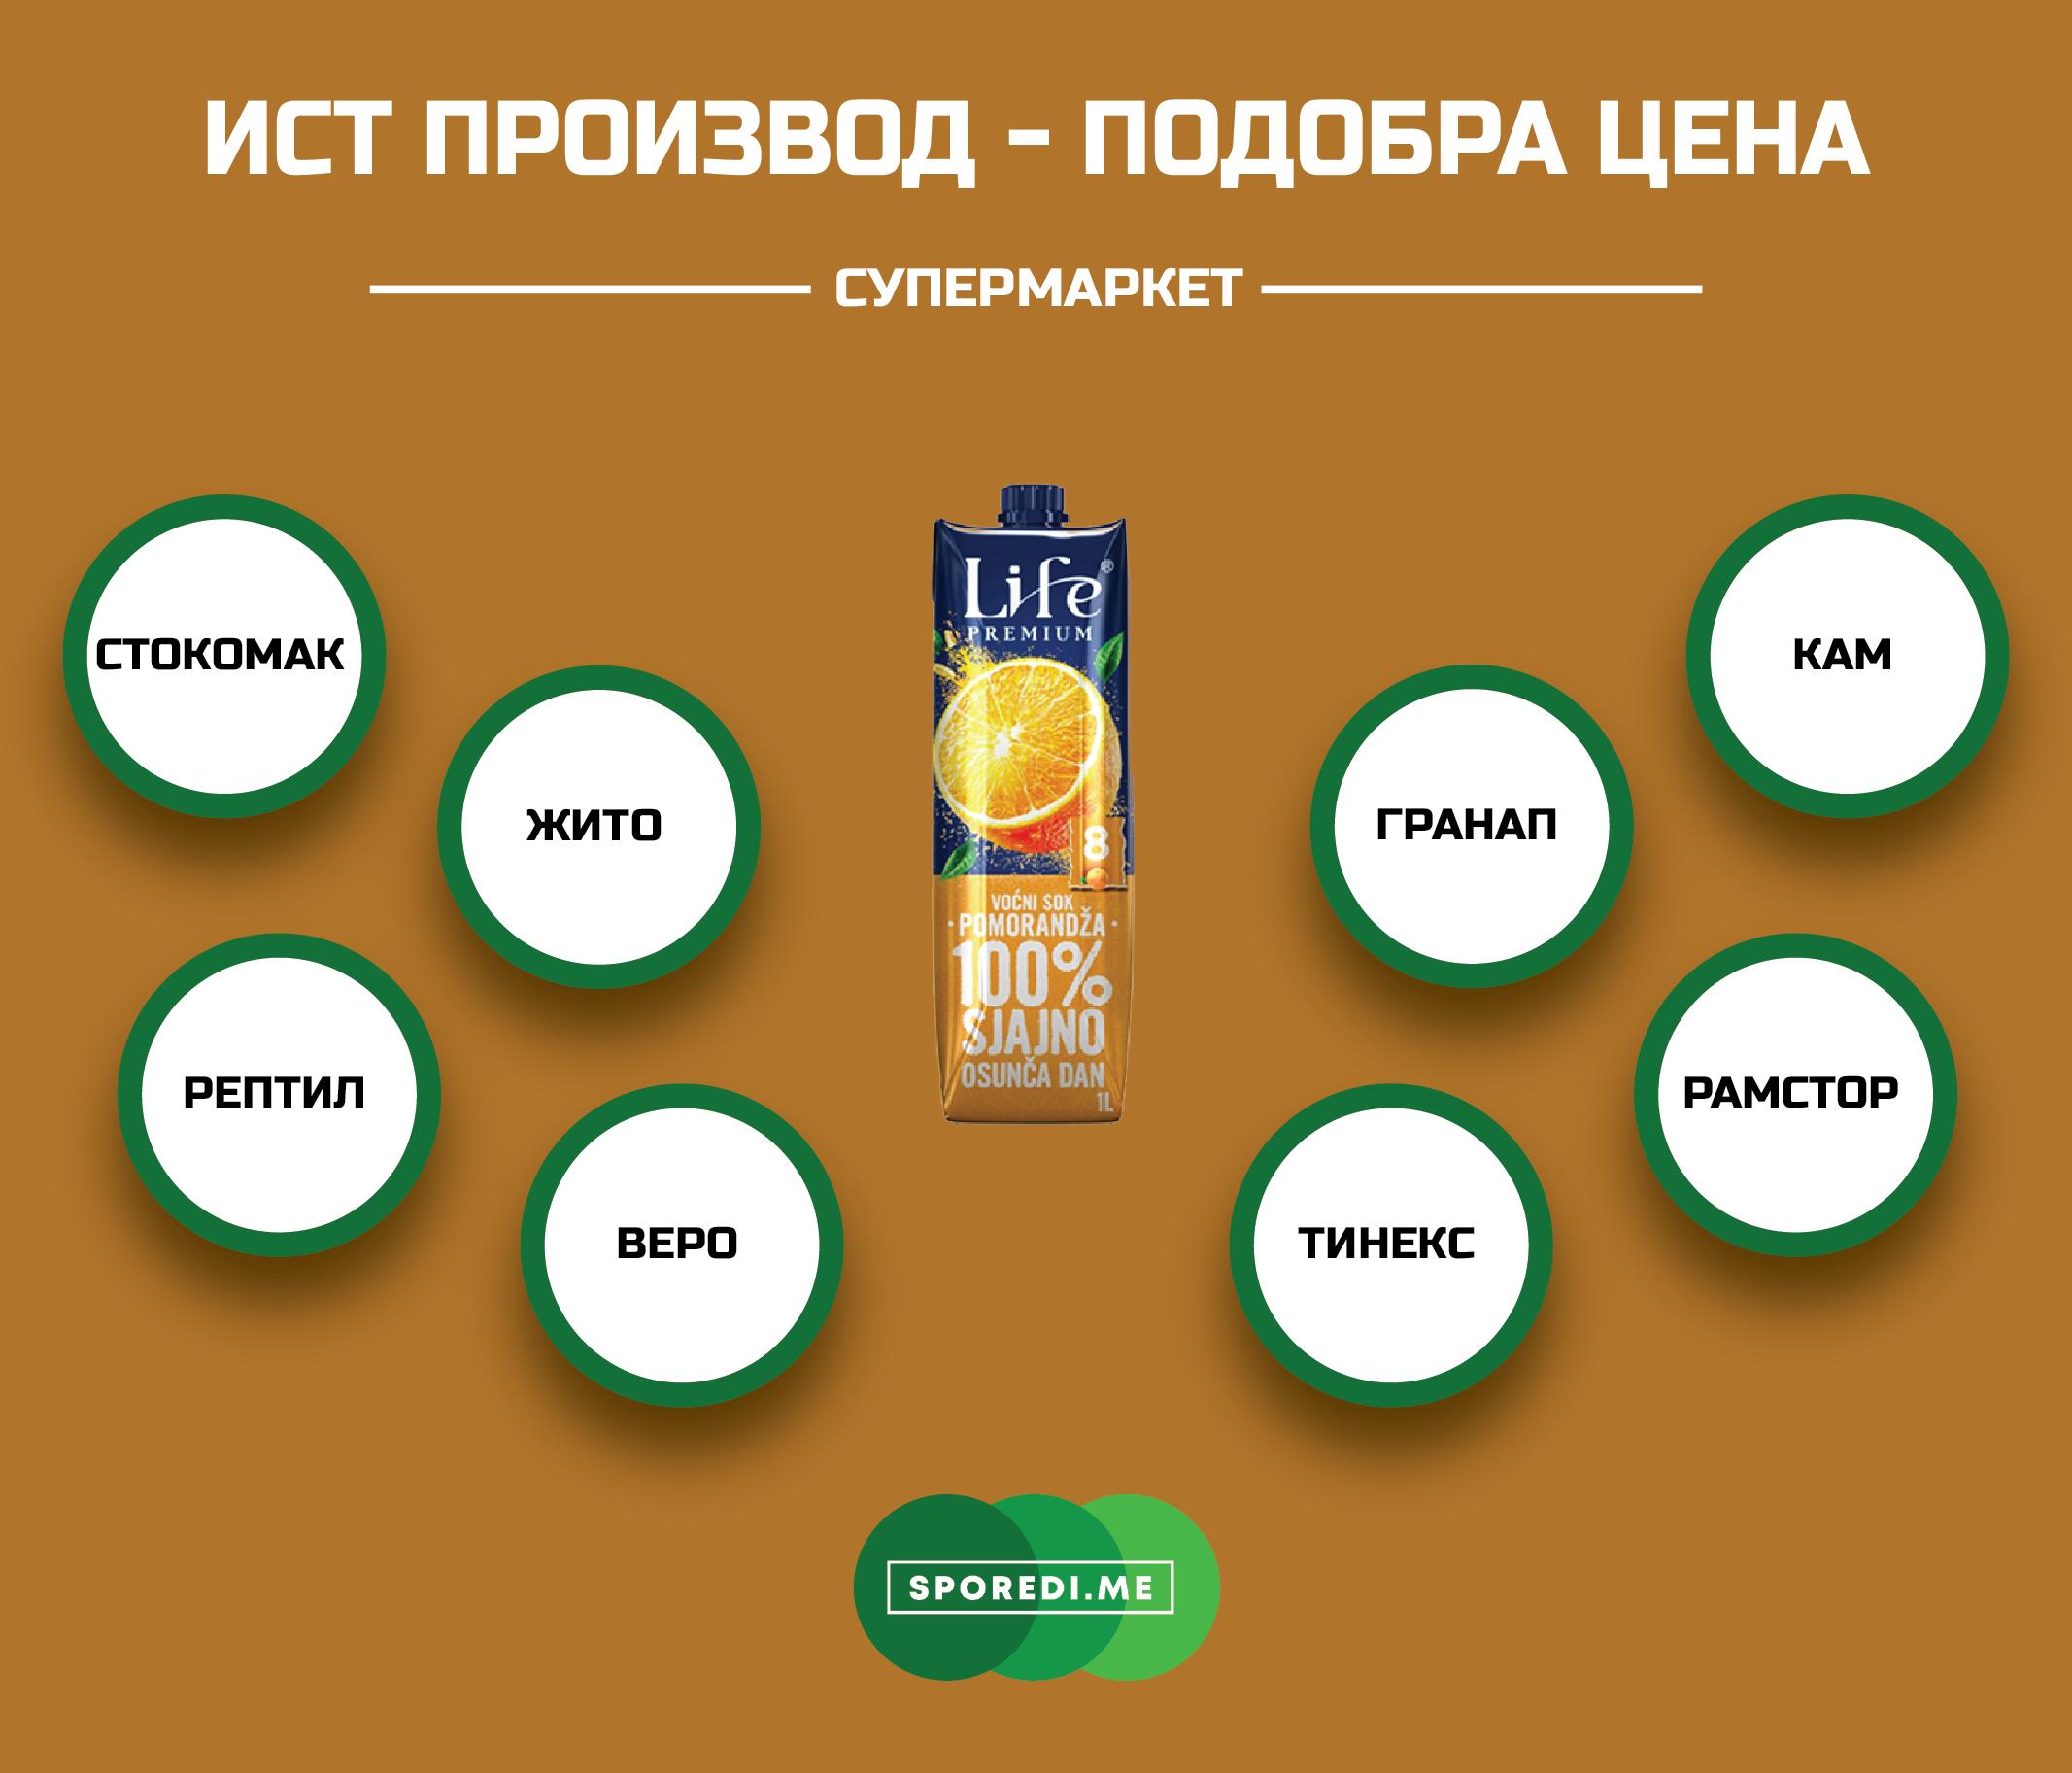 Каде сокот од портокал на српскиот бренд Нектар Life има најповолна цена?